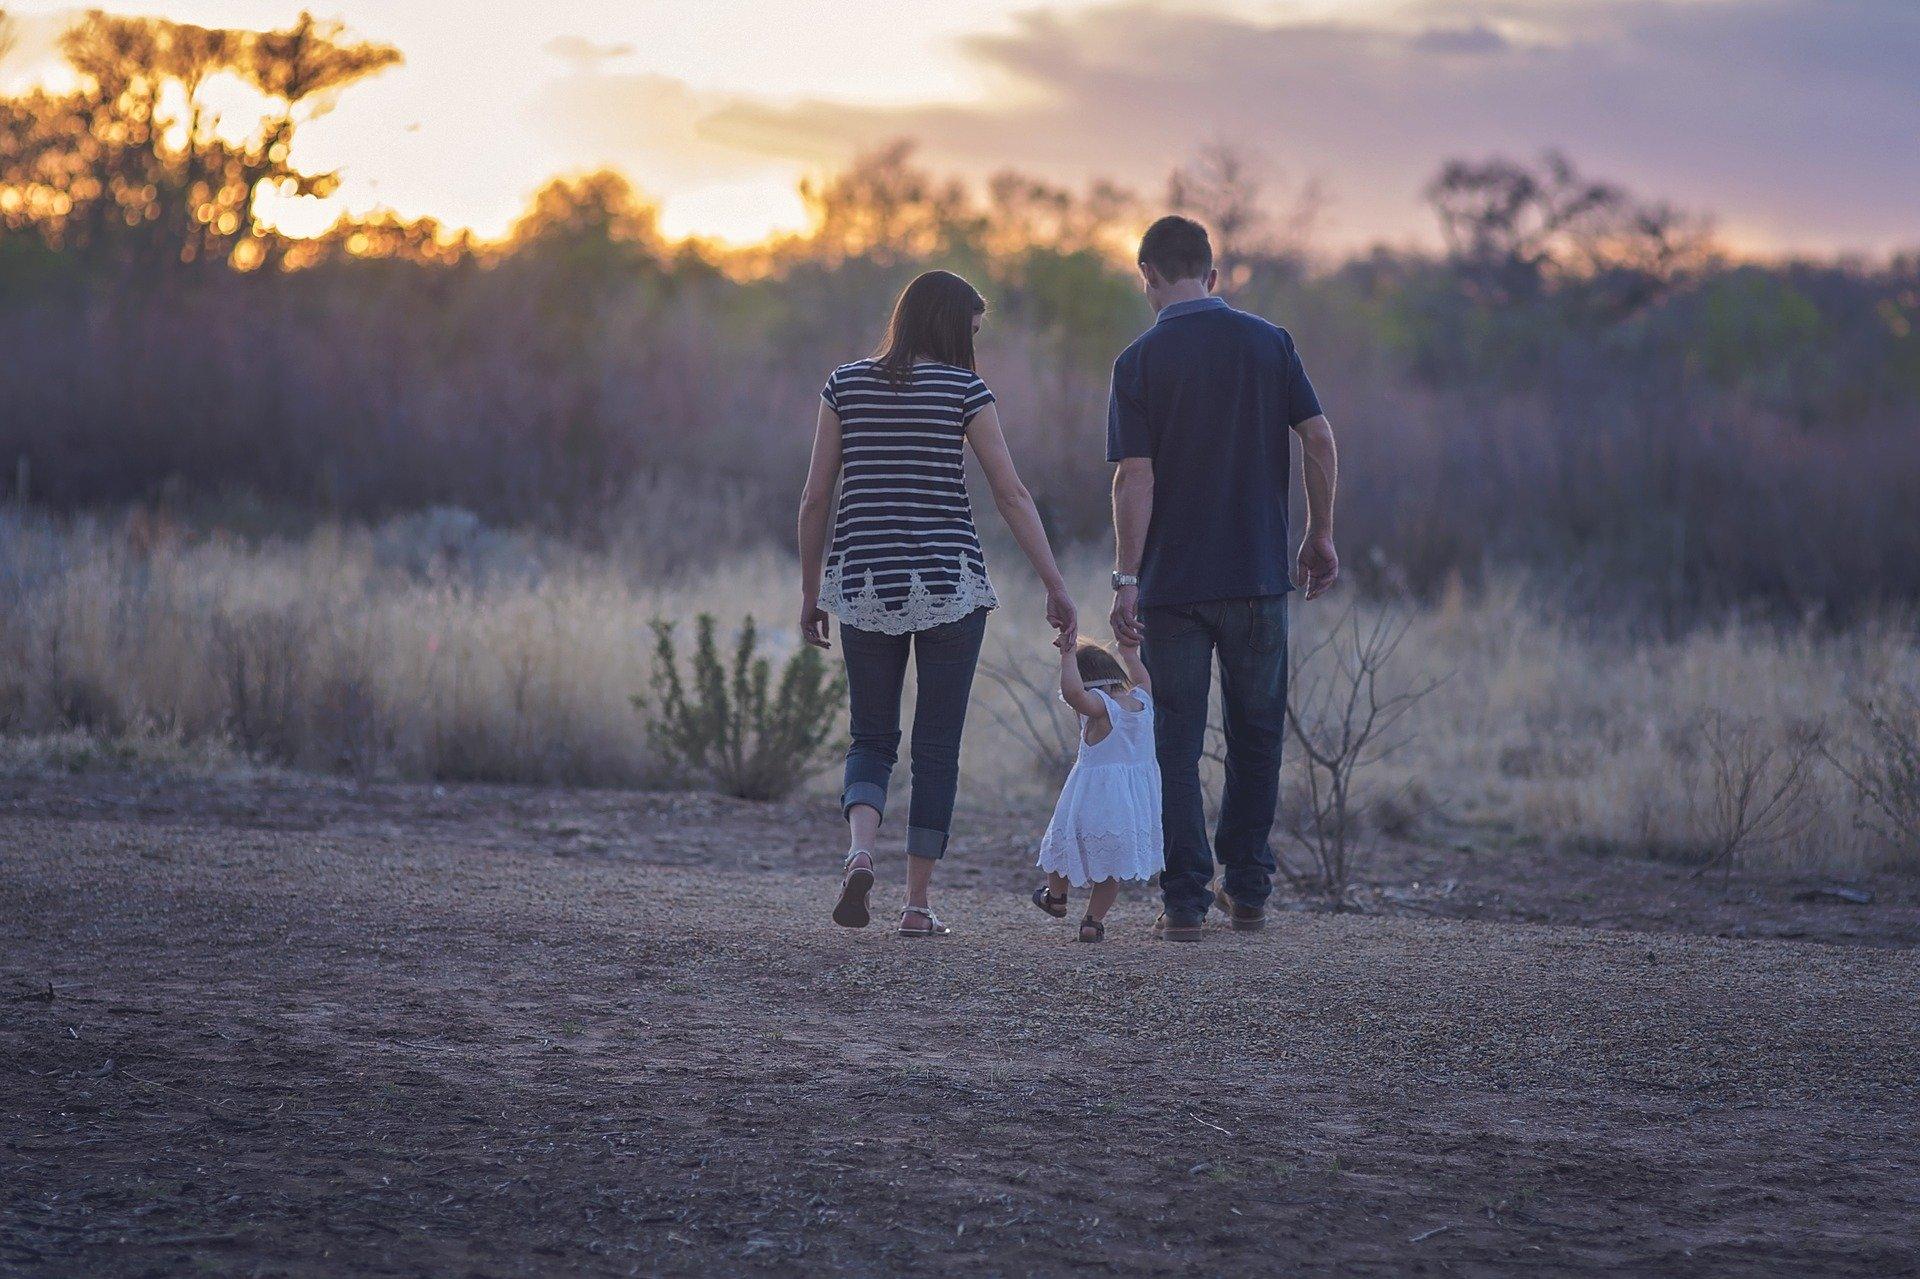 El CGPJ establece que corresponde al juez decidir en cada caso sobre la modificación del régimen de custodia, visitas y estancias acordado en los procedimientos de familia